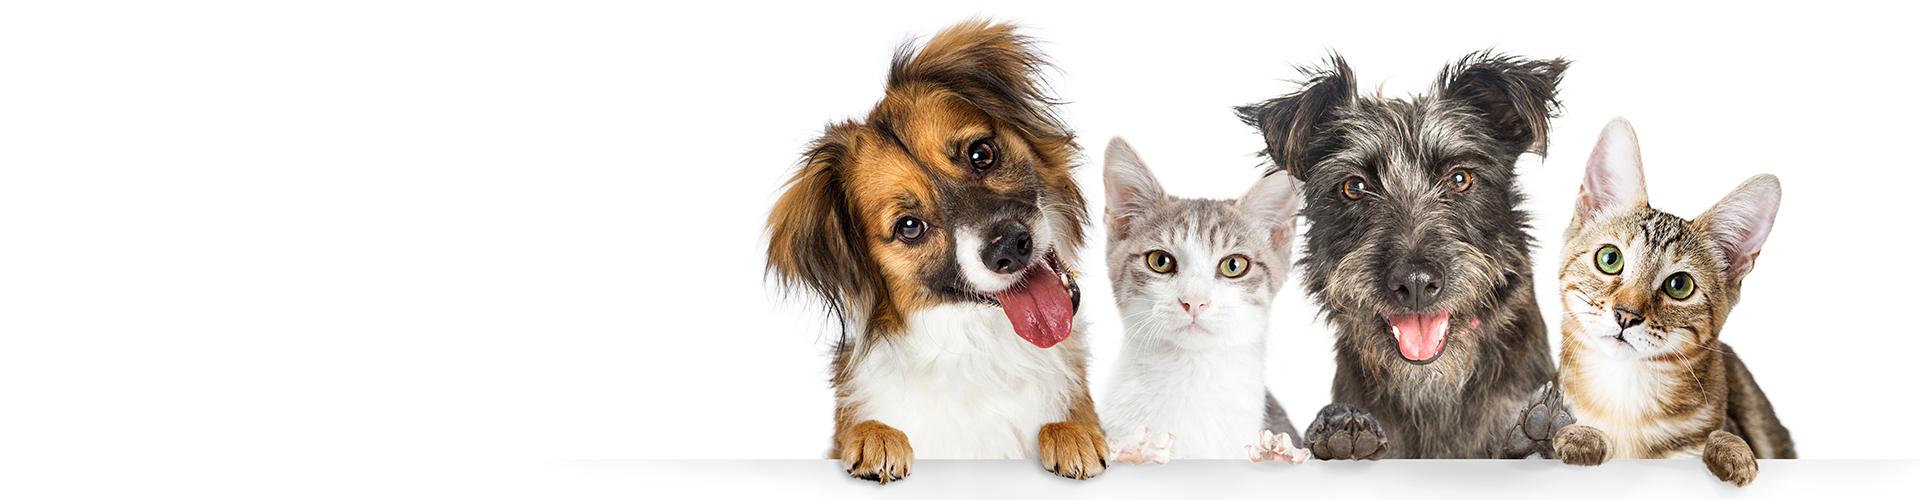 Slider Hunde und Katzen